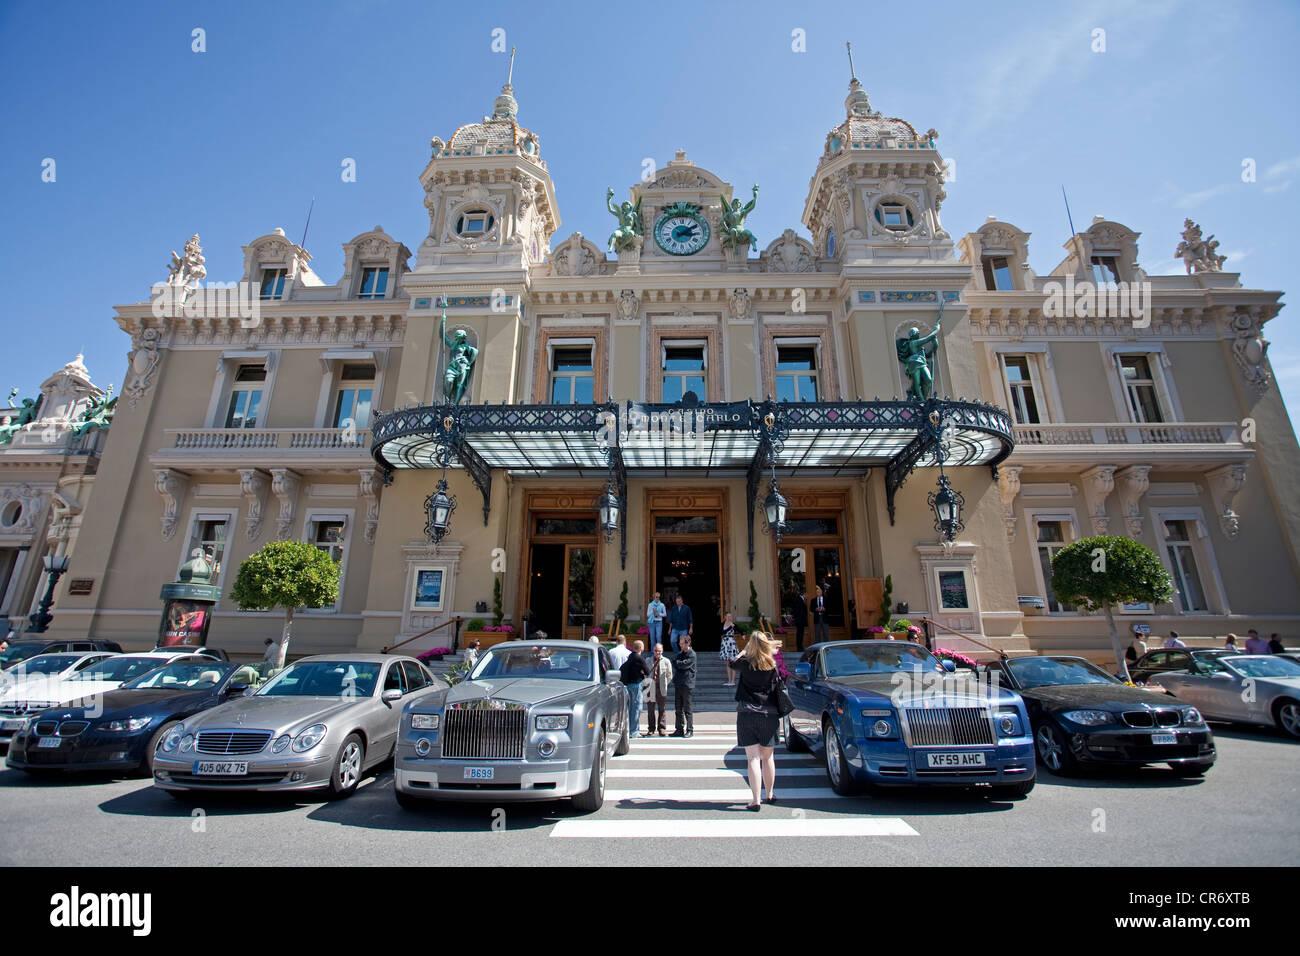 casino monte carlo place du casino 98000 monaco